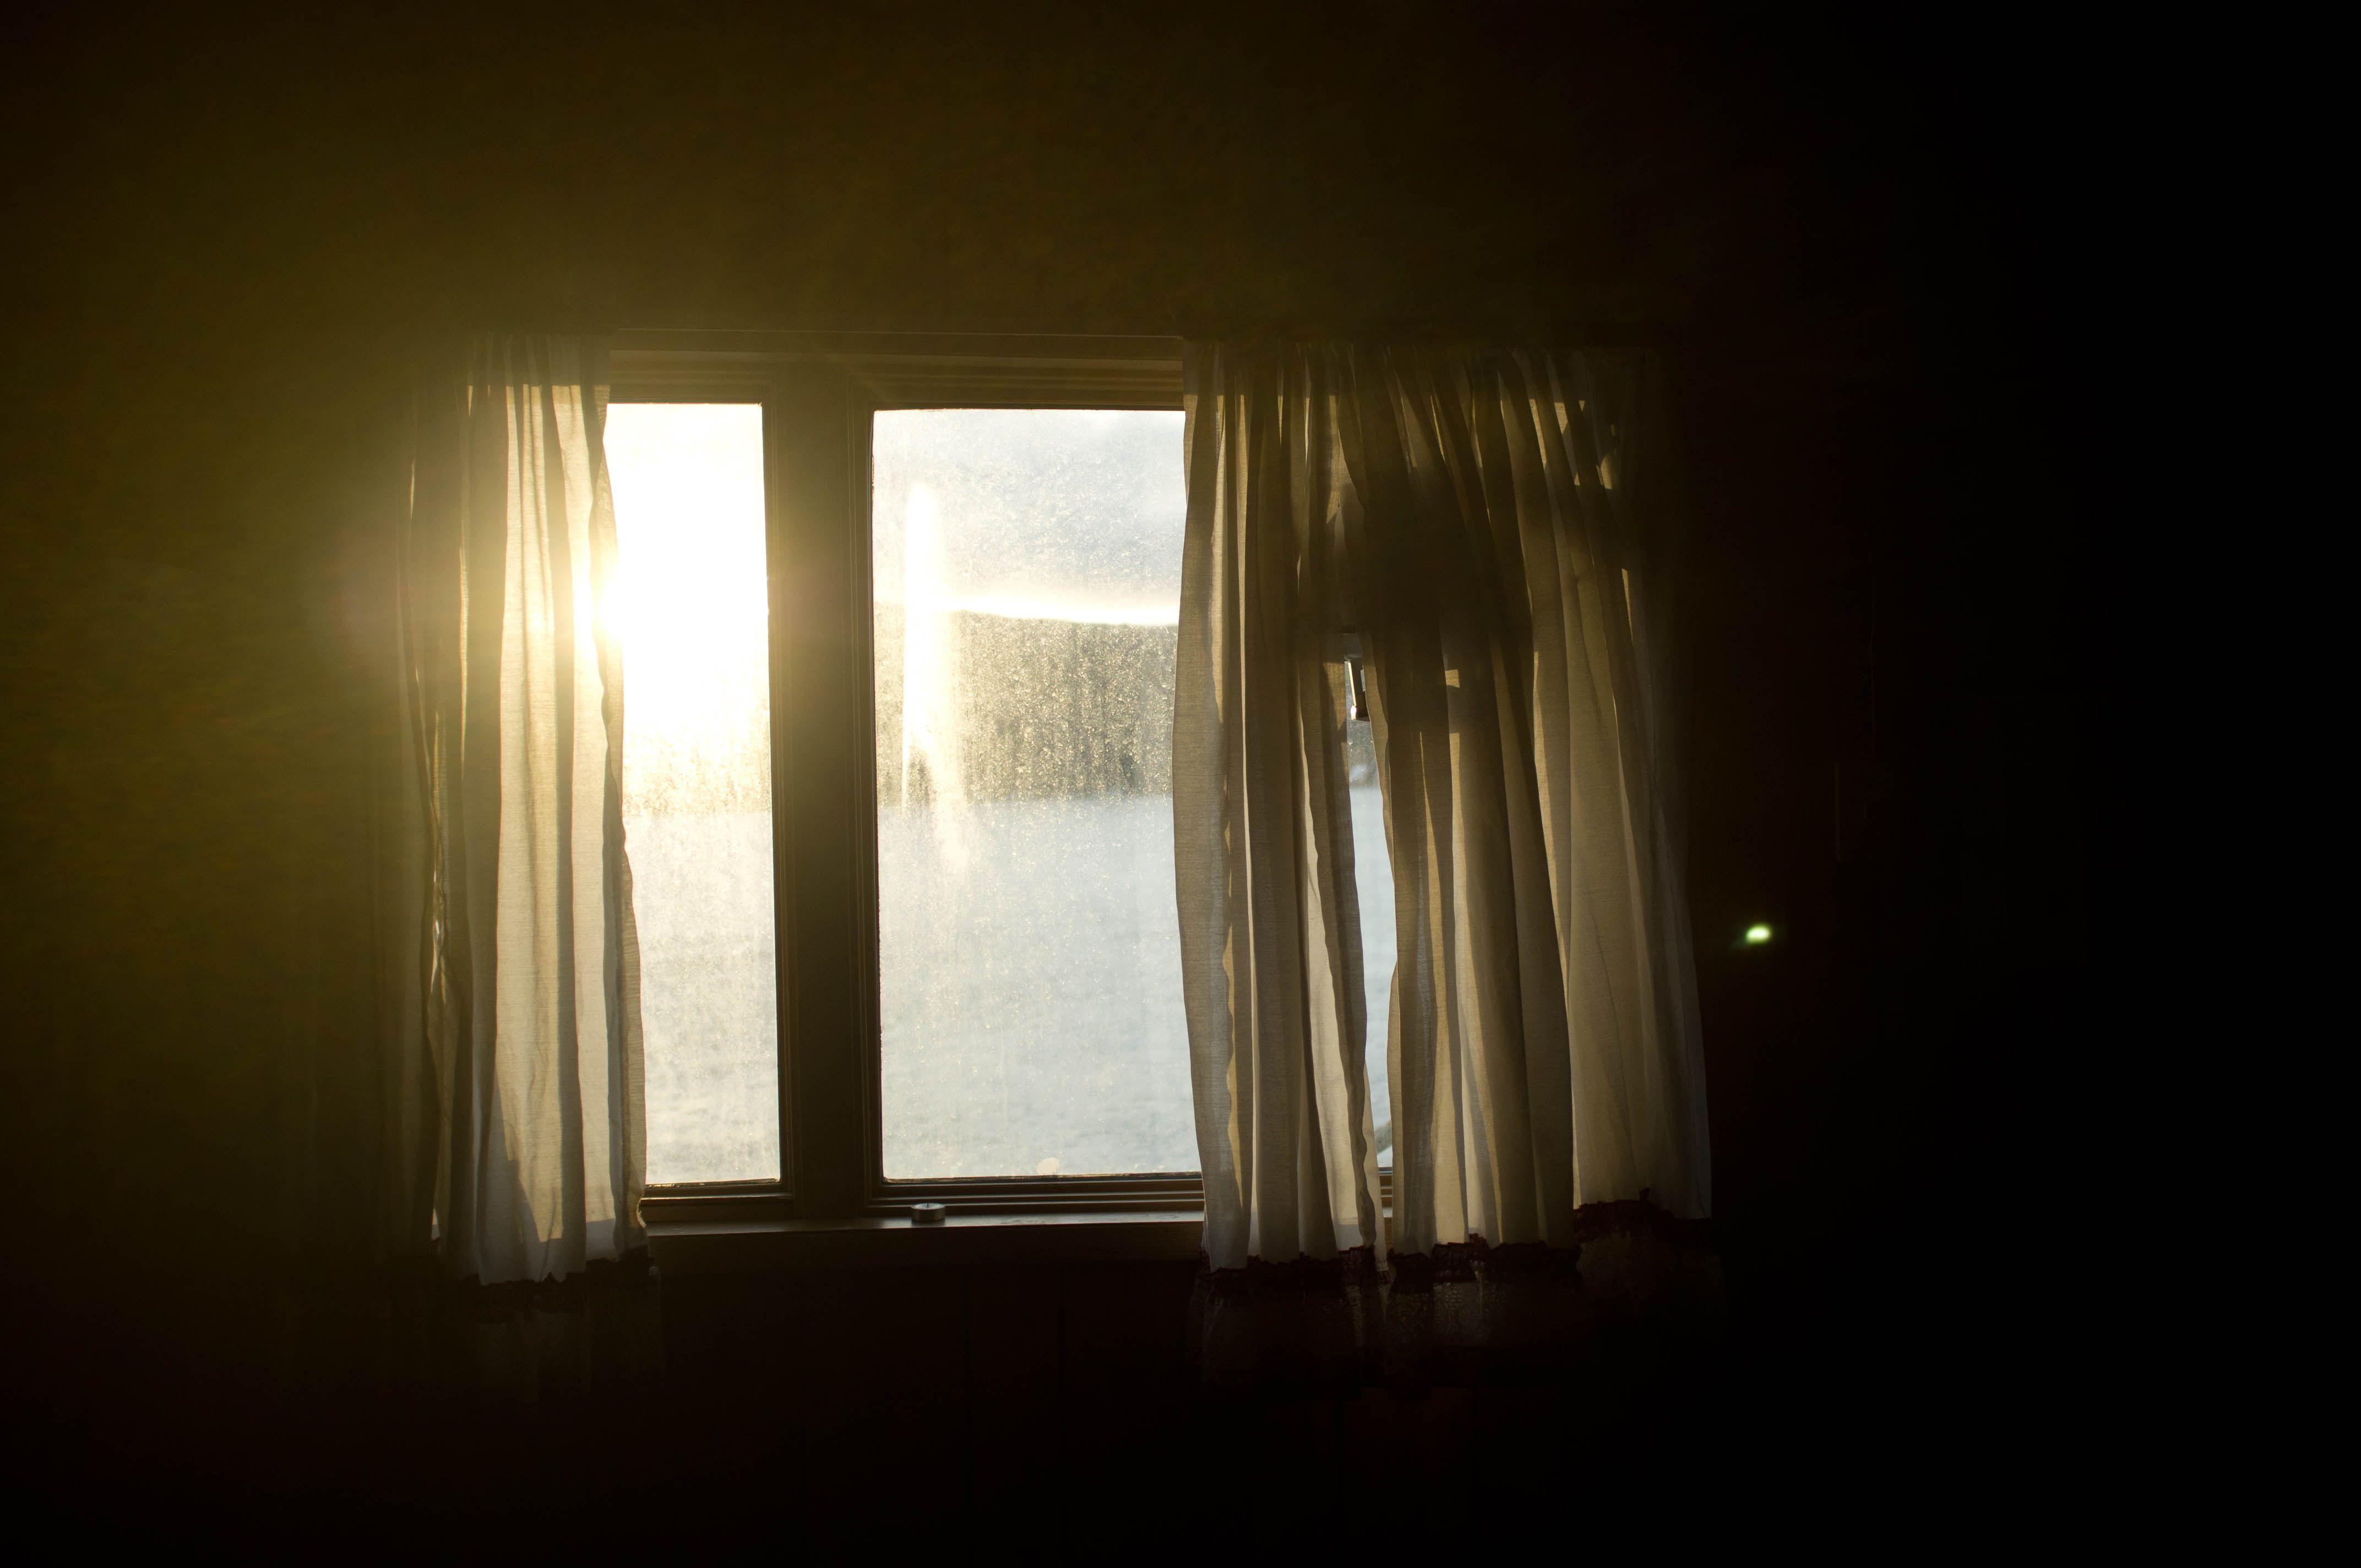 Sunlight through a window google search loot pinterest for Sunlight windows